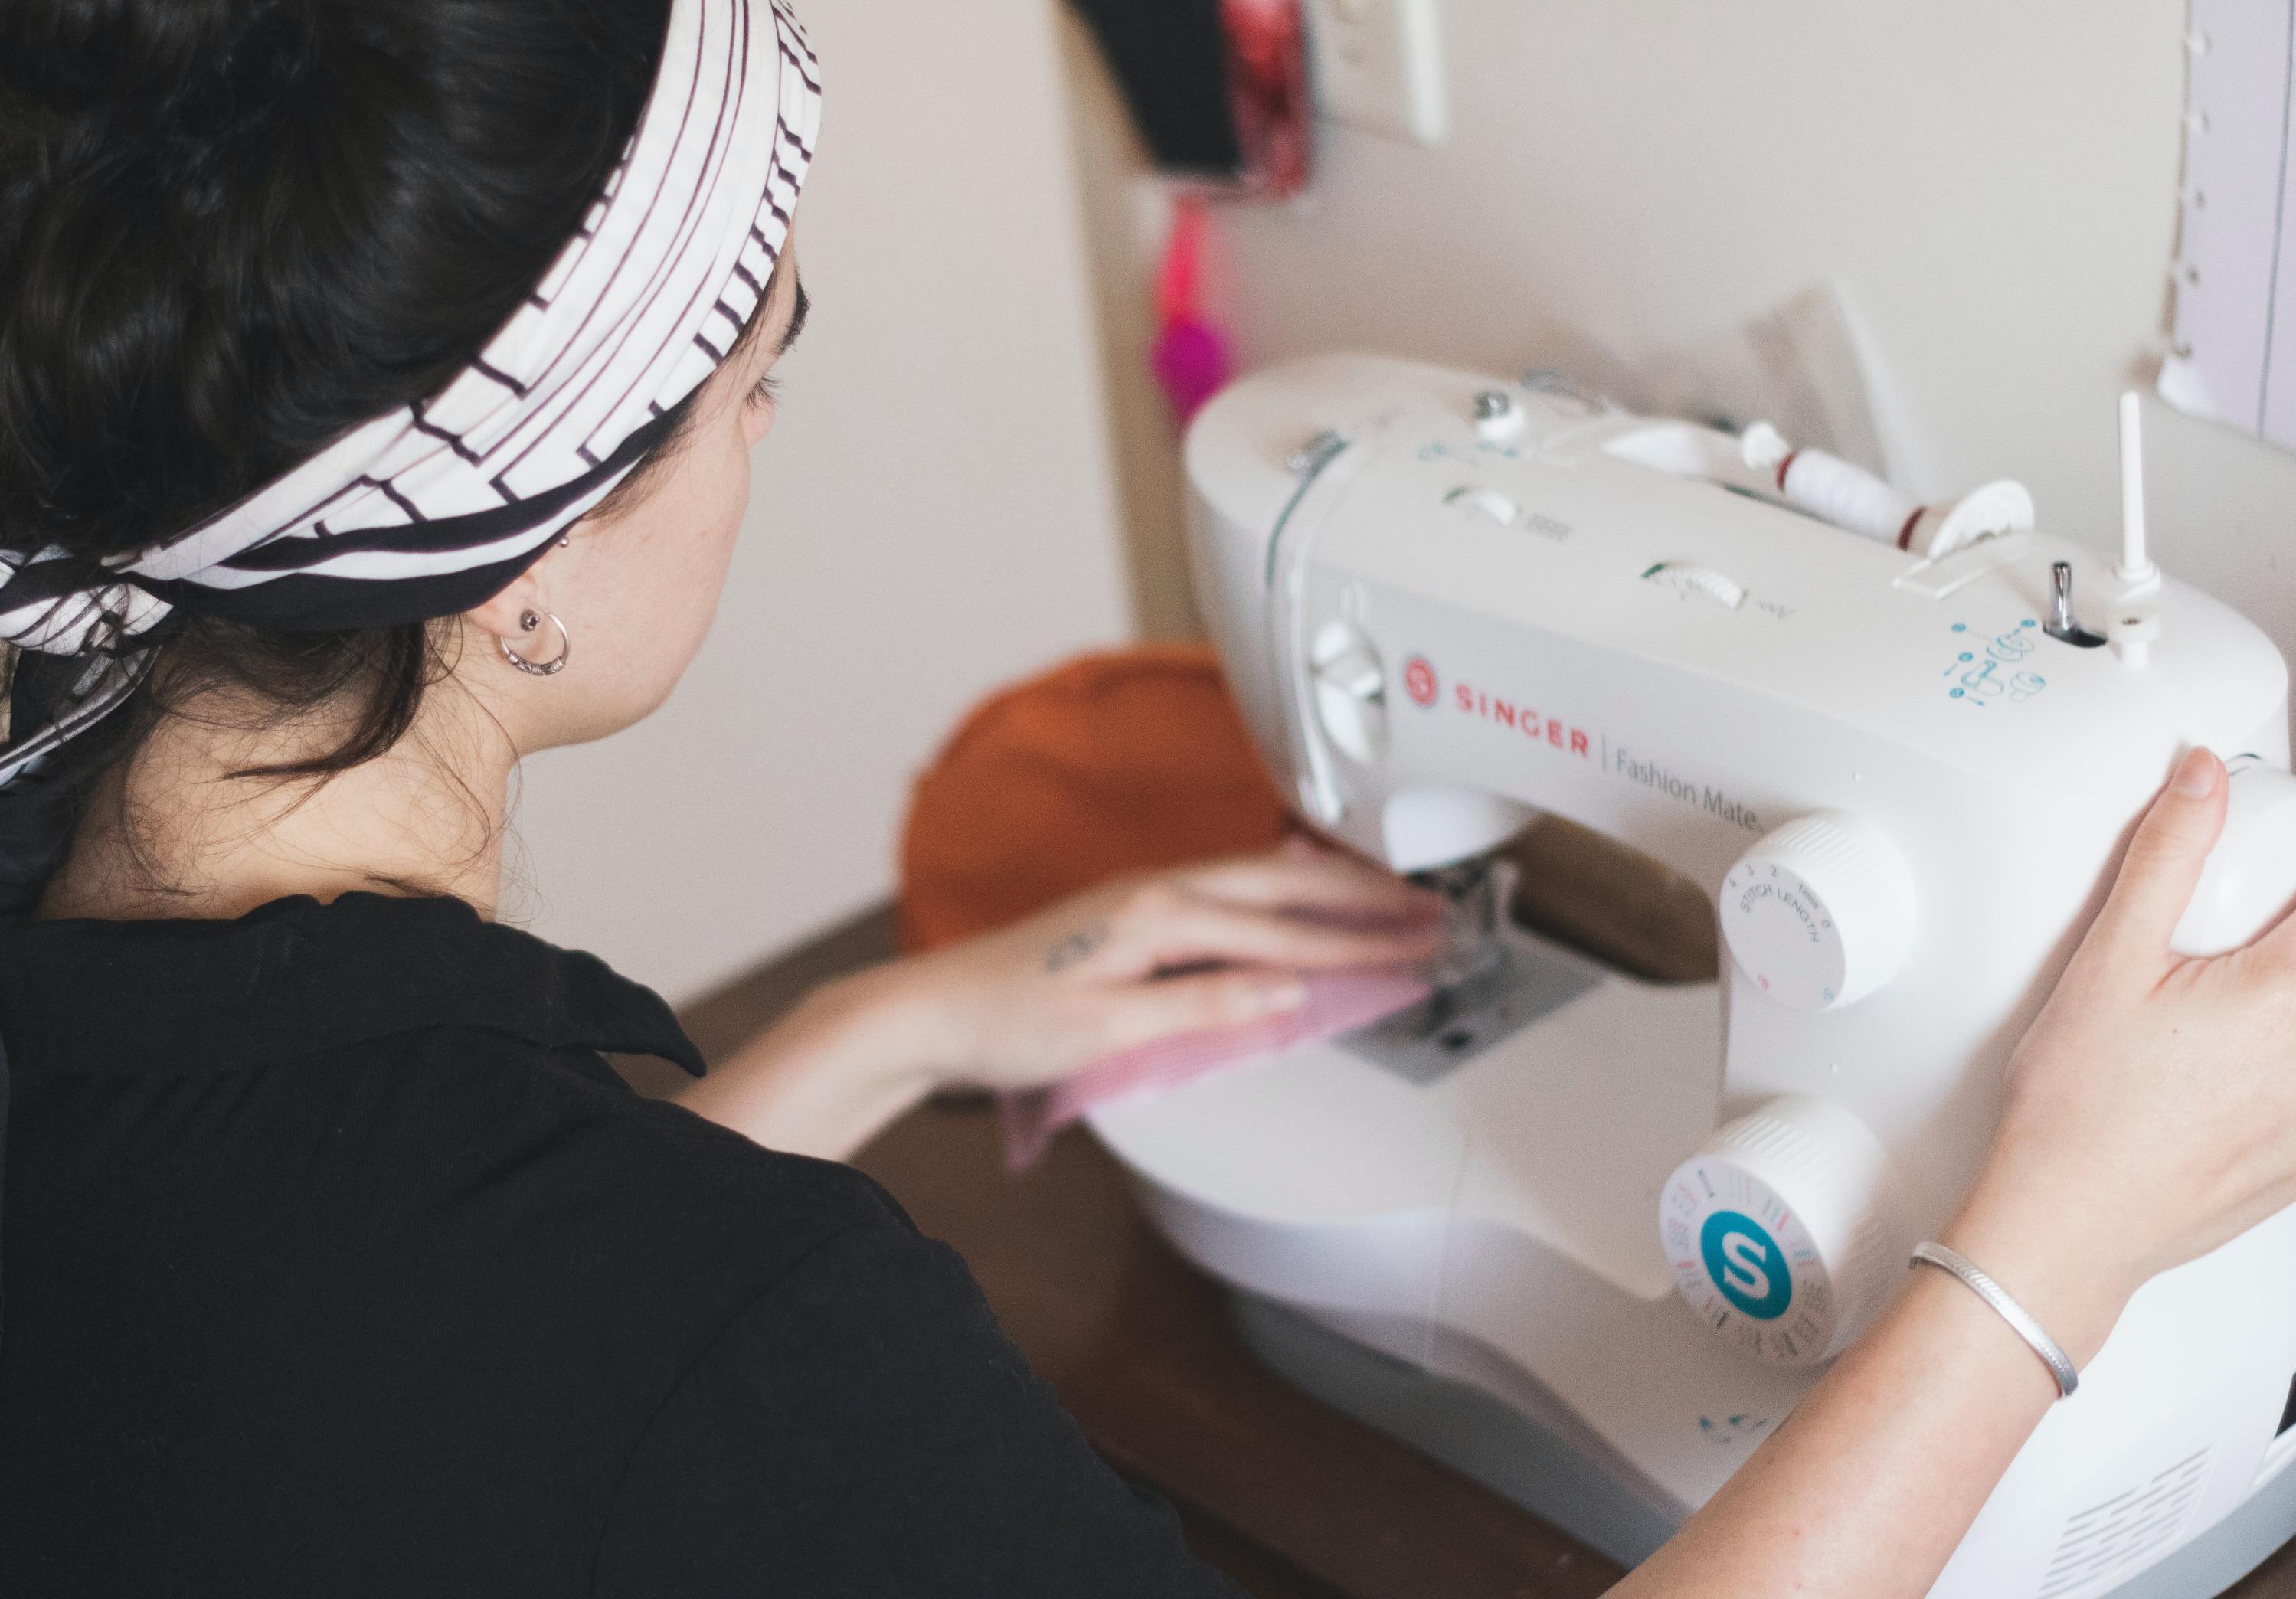 МСП Банк предоставил средства на косметический ремонт в новых помещениях, обновление мебели и закупку оборудования